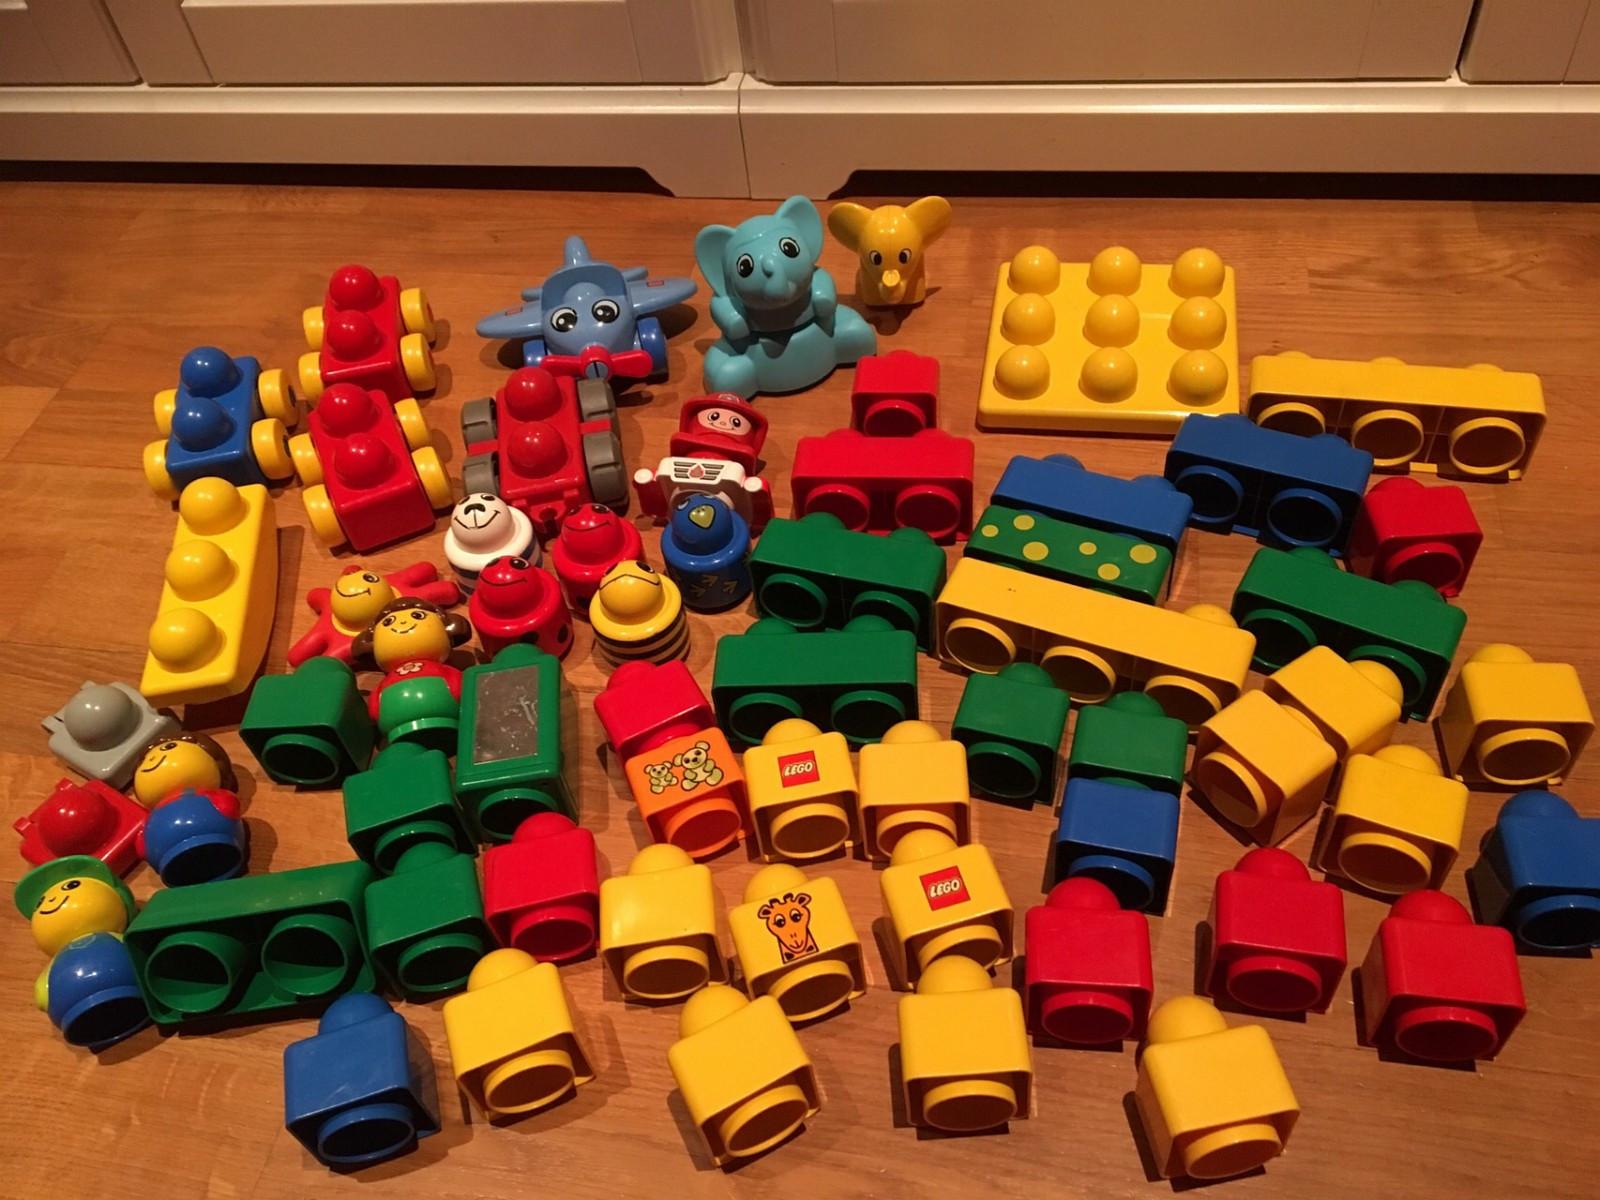 Lego mega blocks - Oslo  - Tusenbein, figurer, dyr og masse mega blocks selges rimelig. Barna har hatt stor glede av disse klossene, men nå er de blitt for store! - Oslo